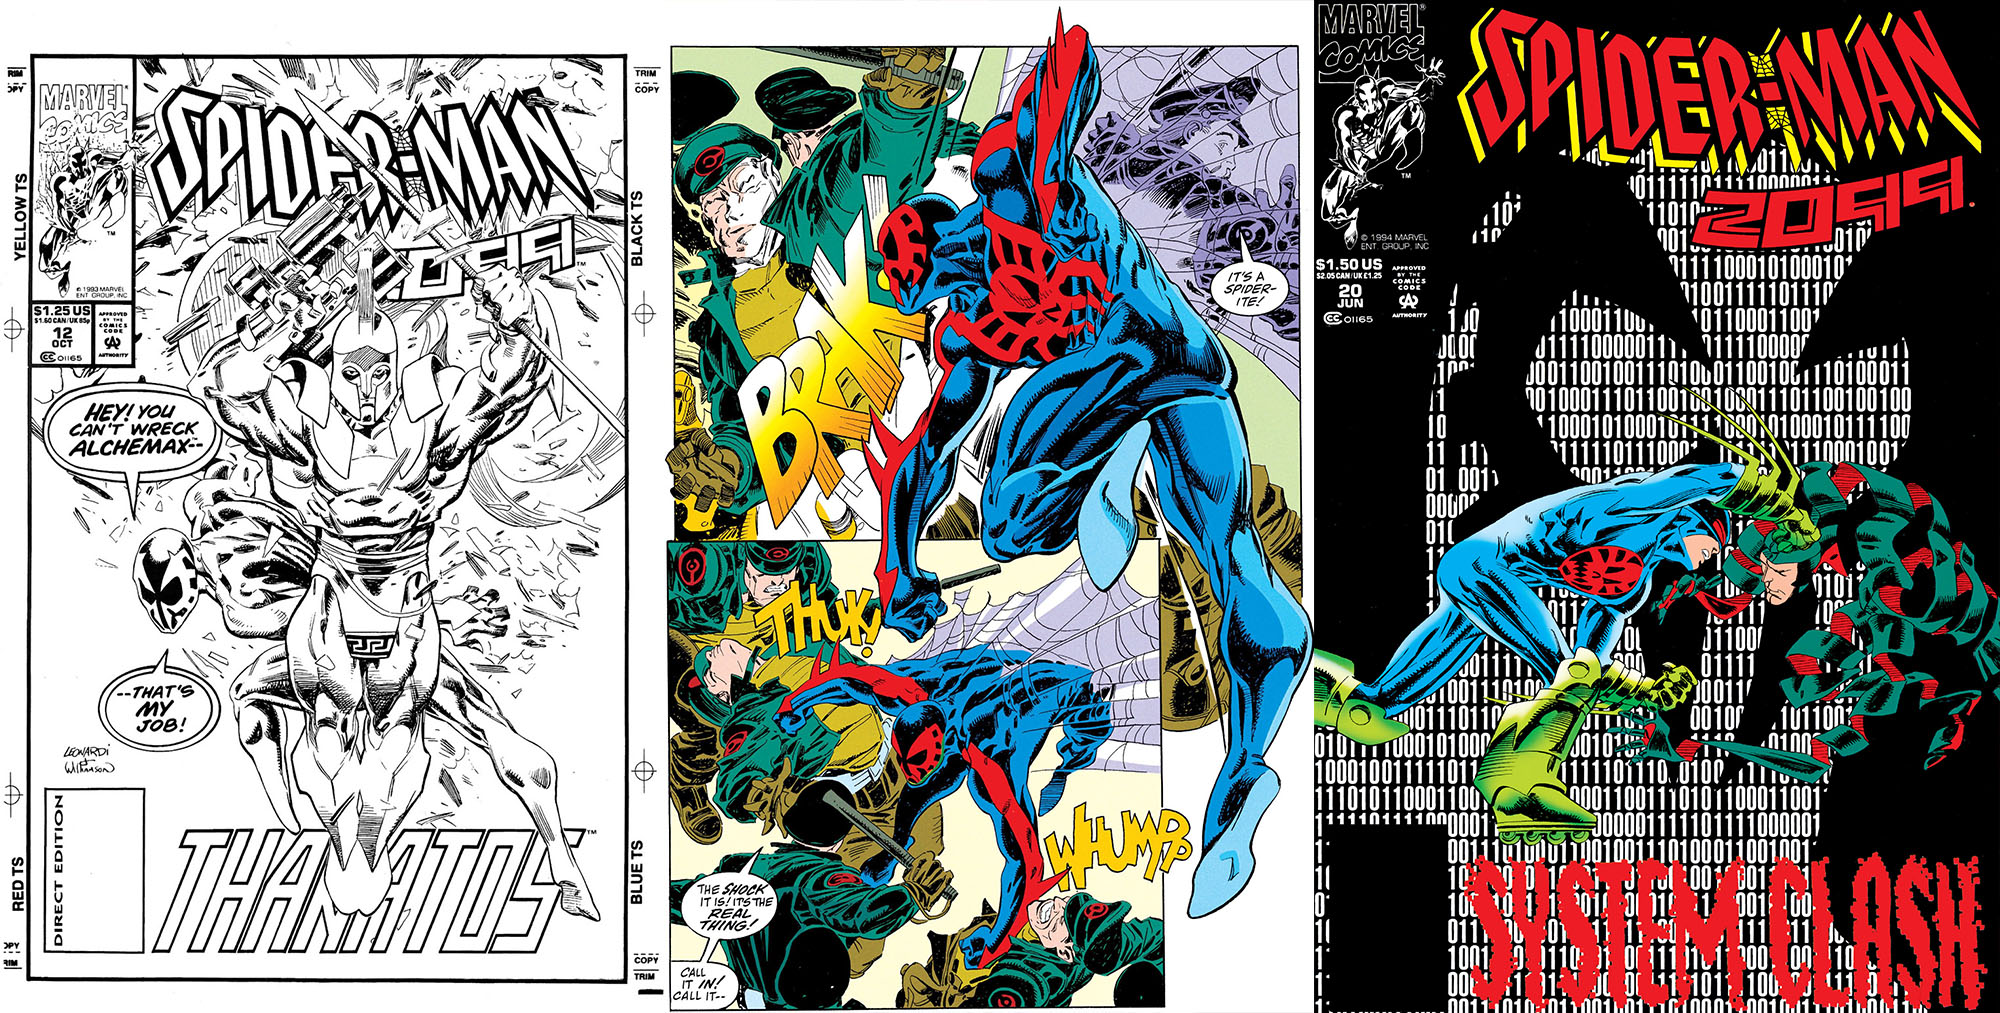 Storia Spider-Man 2099 origini costume